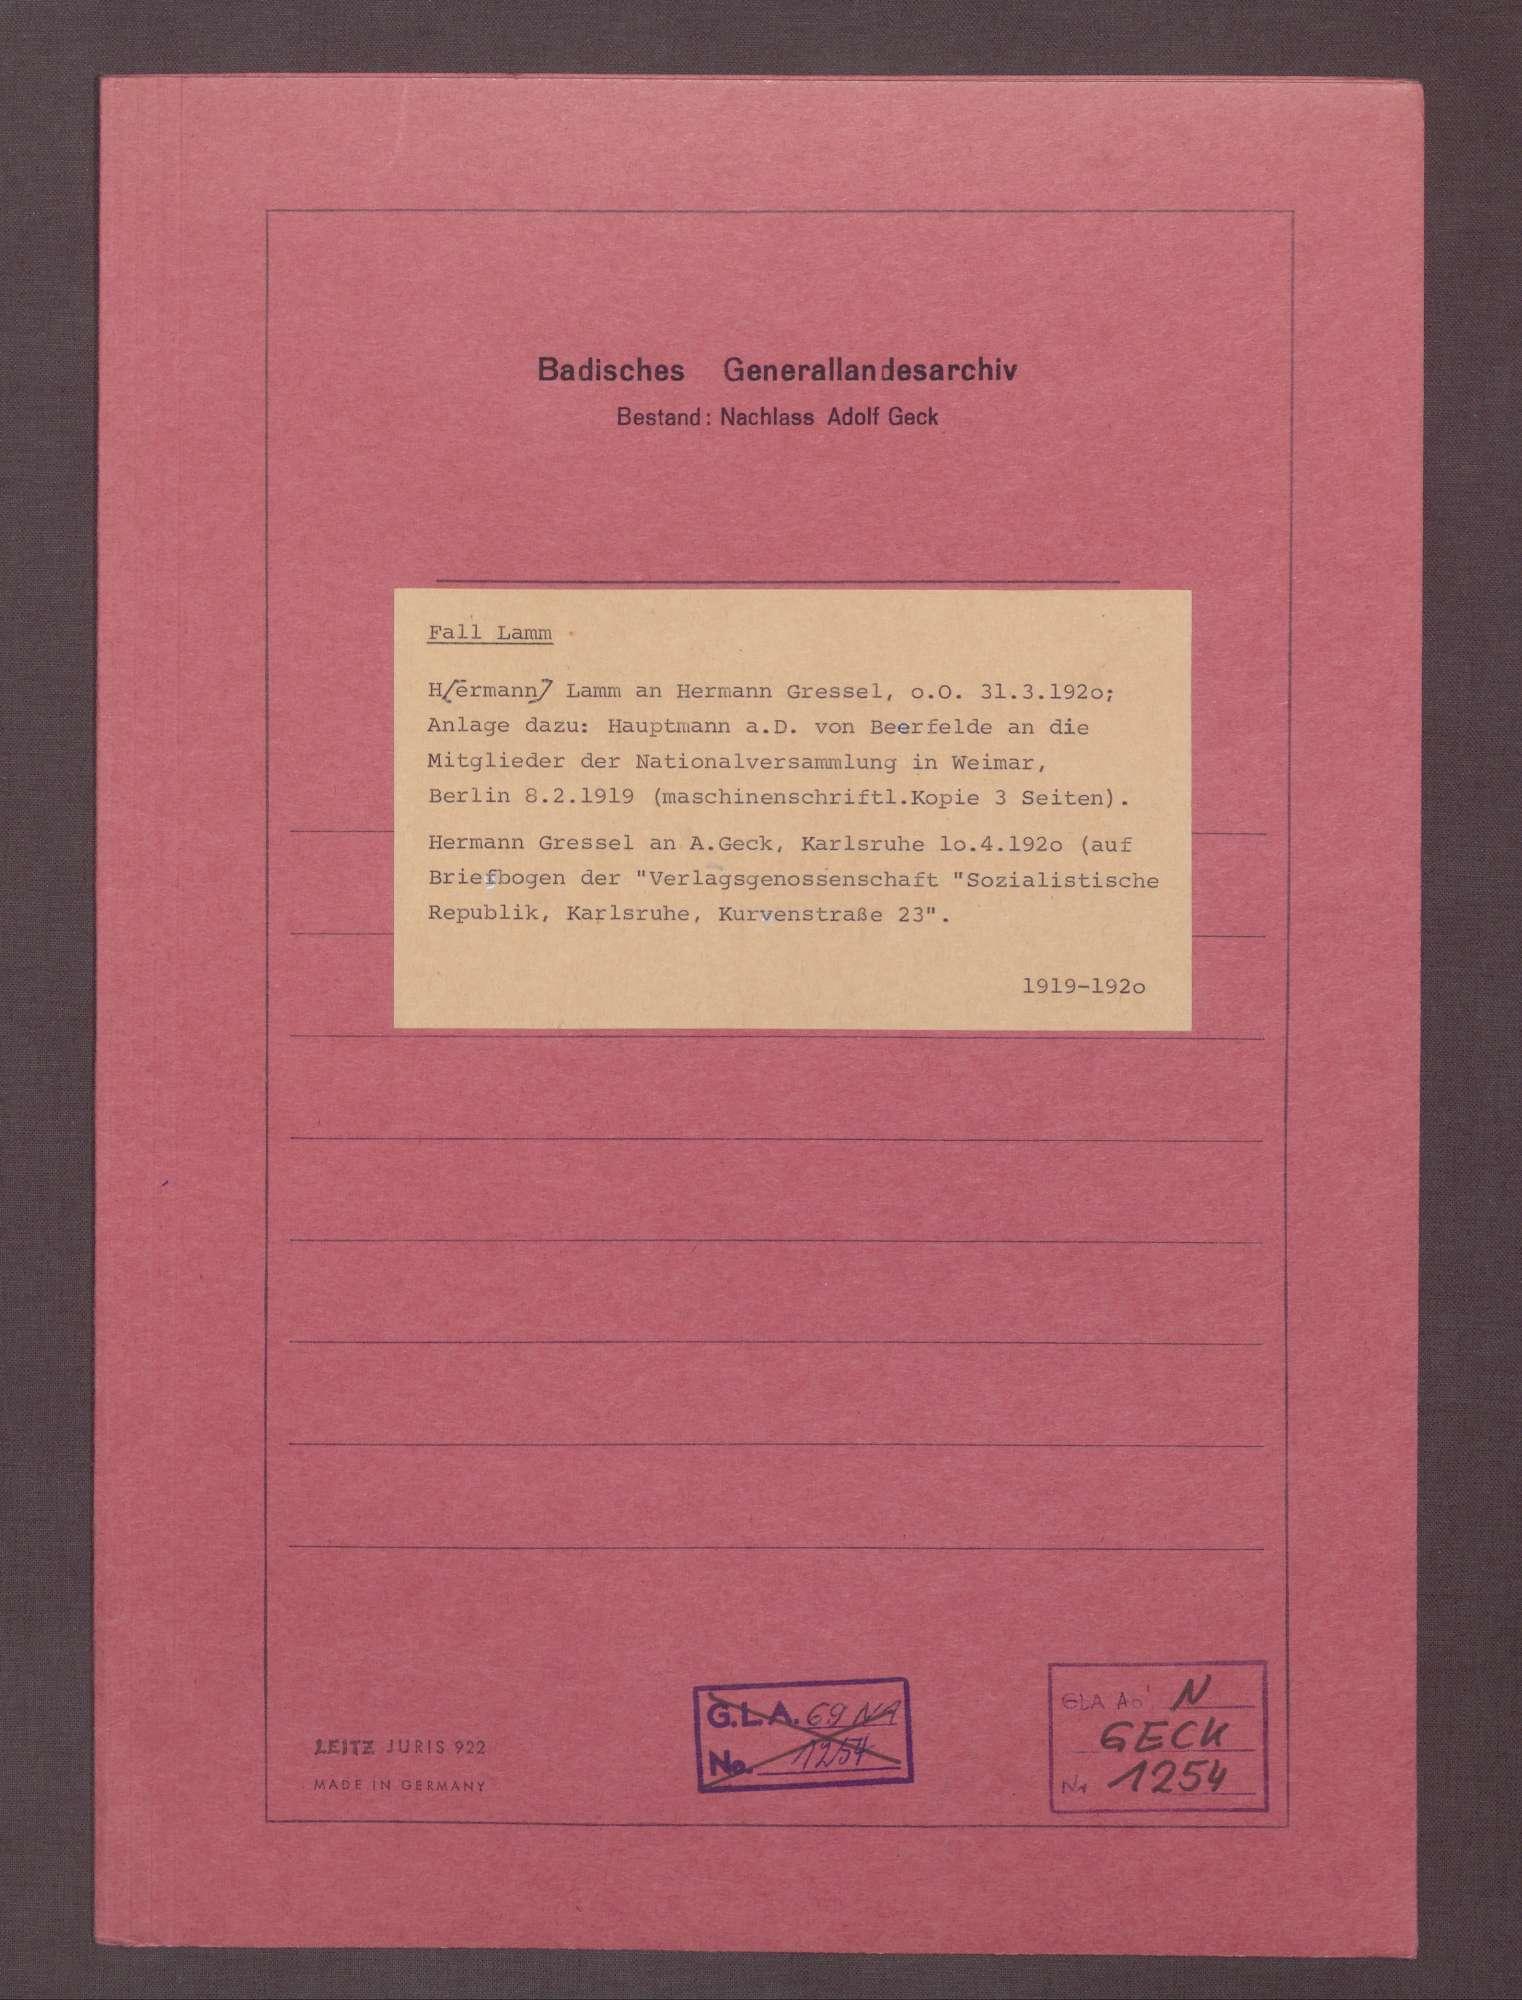 Hermann Lamm an Hermann Gressel: Hauptmann a. D. von Beerfelde am 08.02.1919 an die Mitglieder der Nationalversammlung in Weimar, Berlin, 31.02.1919, Bild 1